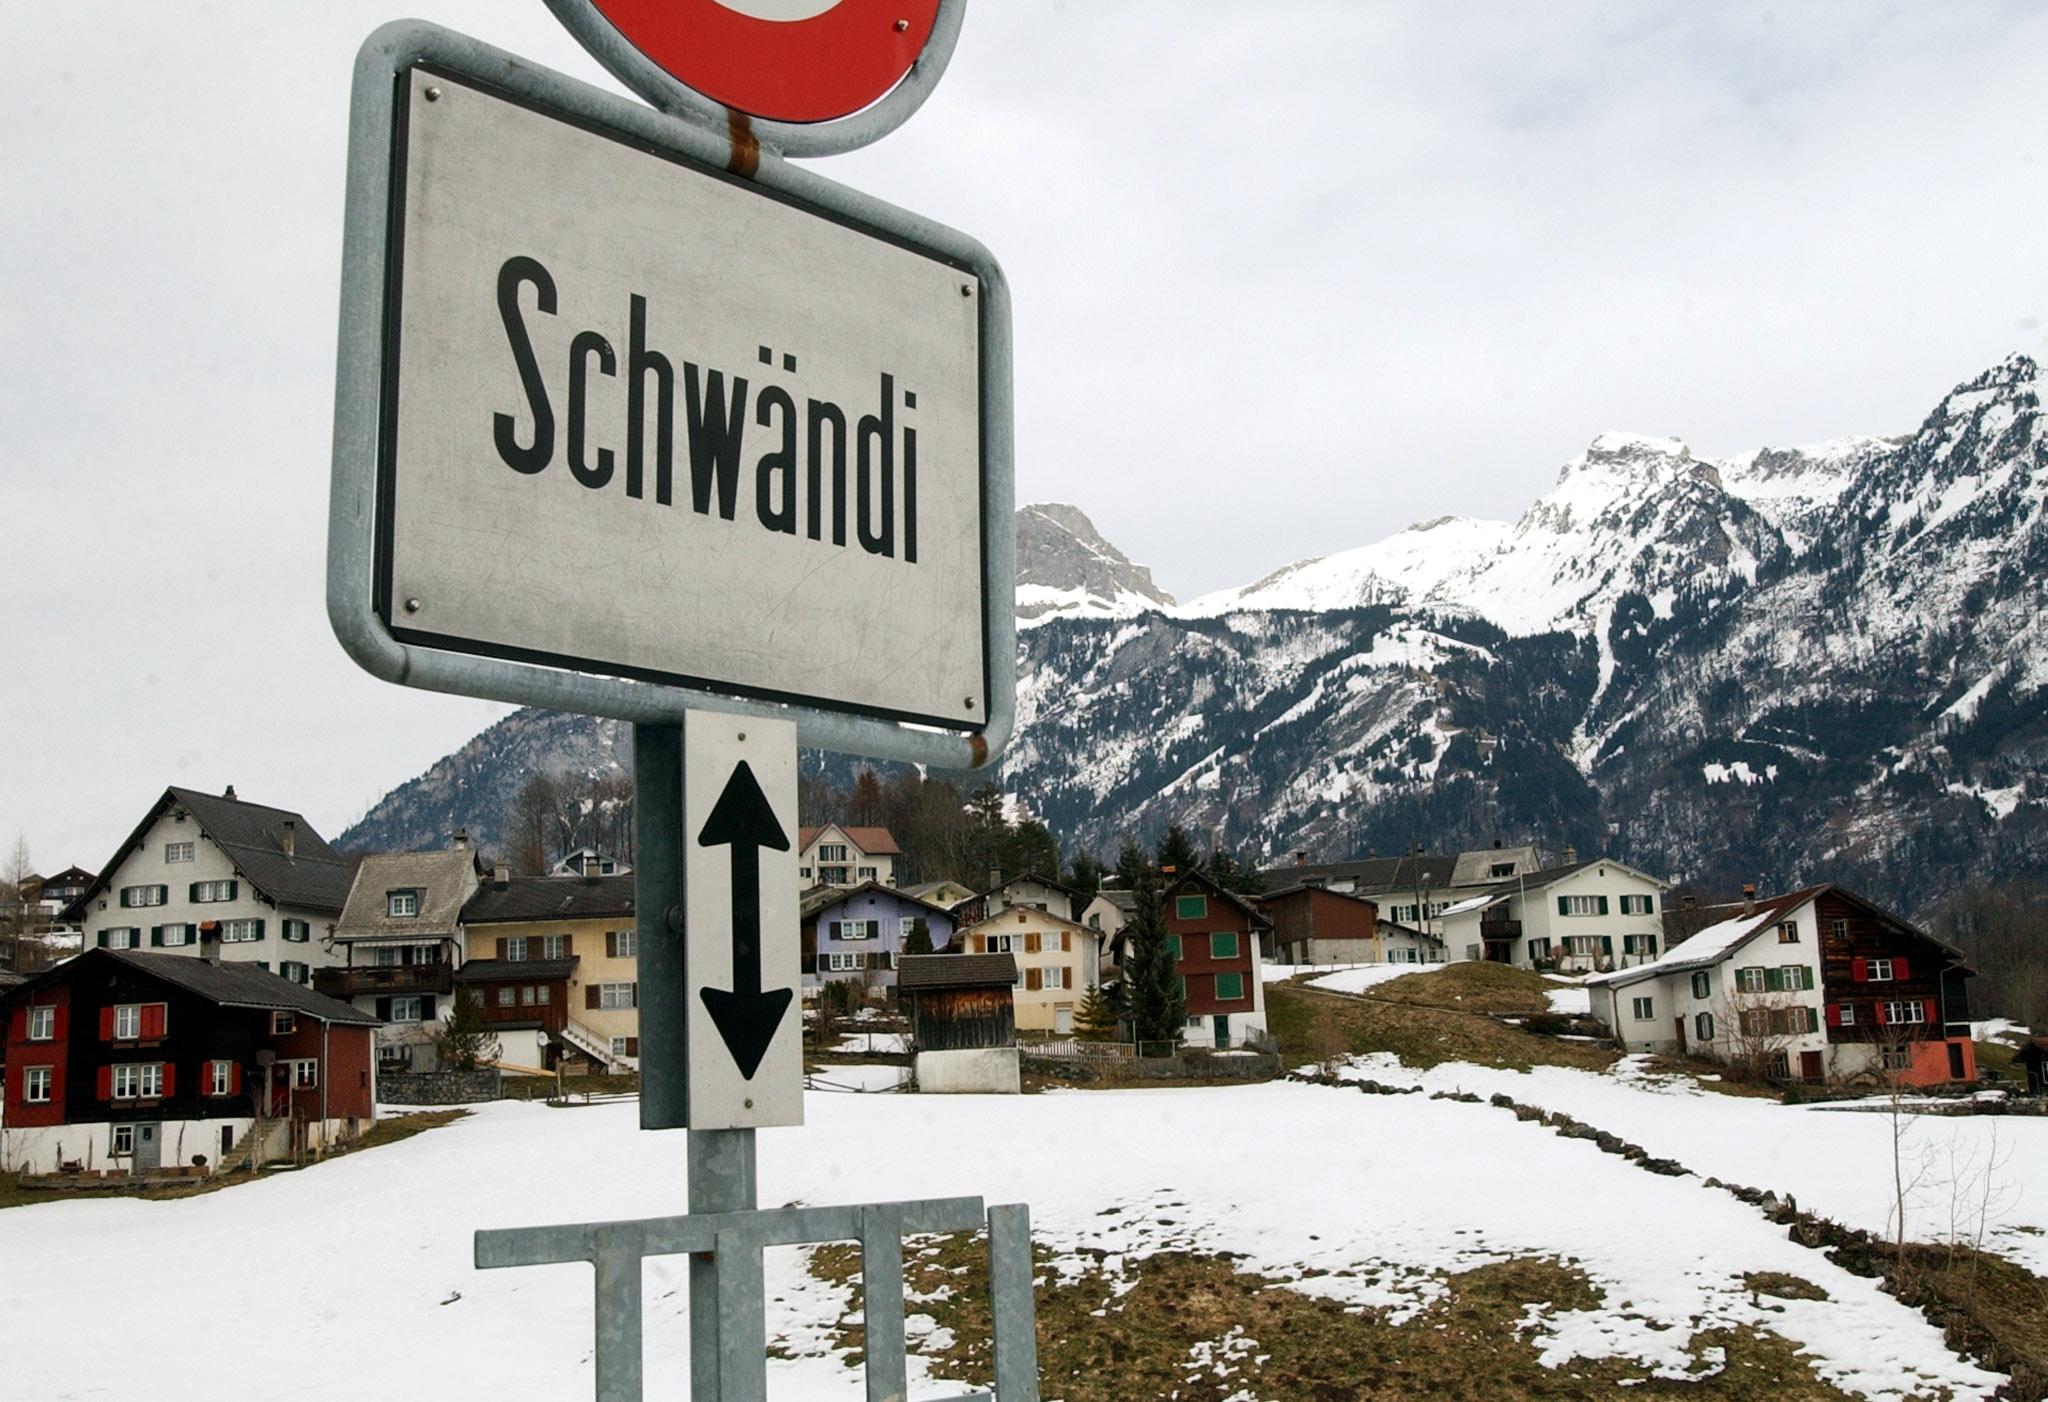 Schwändi im Kanton Glarus: Der Ortsnamen weist darauf hin, dass hier im Hochmittelalter intensiv gerodet wurde, was damals nämlich schwenden hiess.